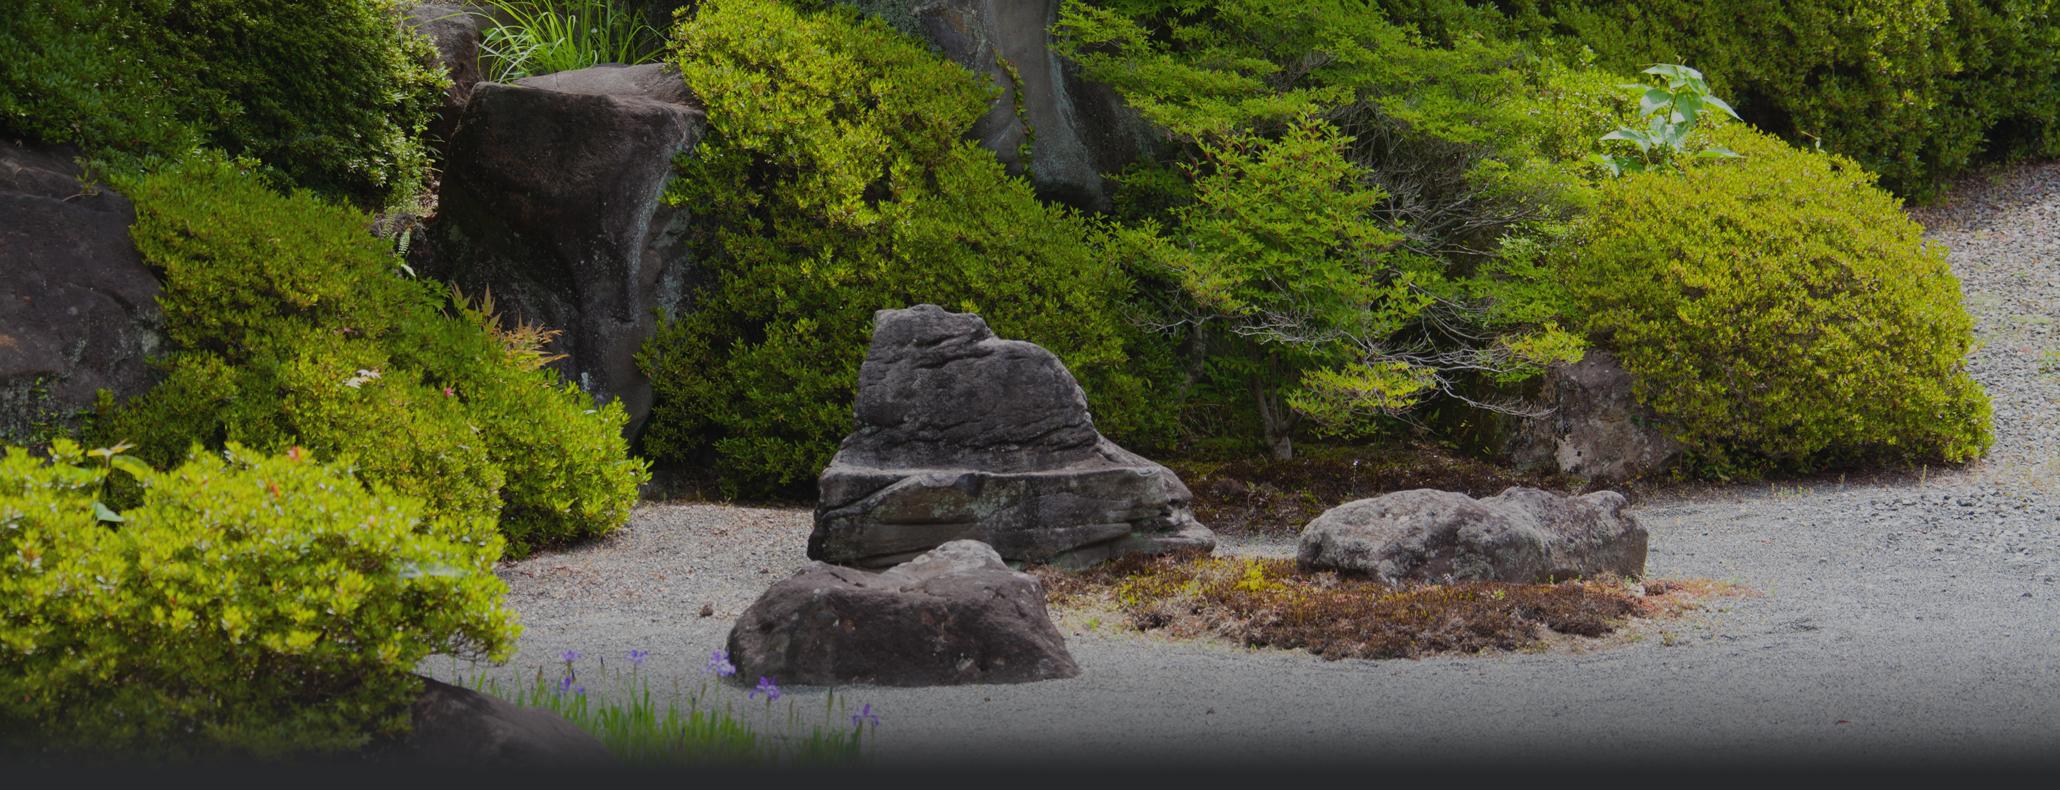 造園用石材・建築用石材の総合卸売商社 国内外問わず多数の在庫をご用意しています。